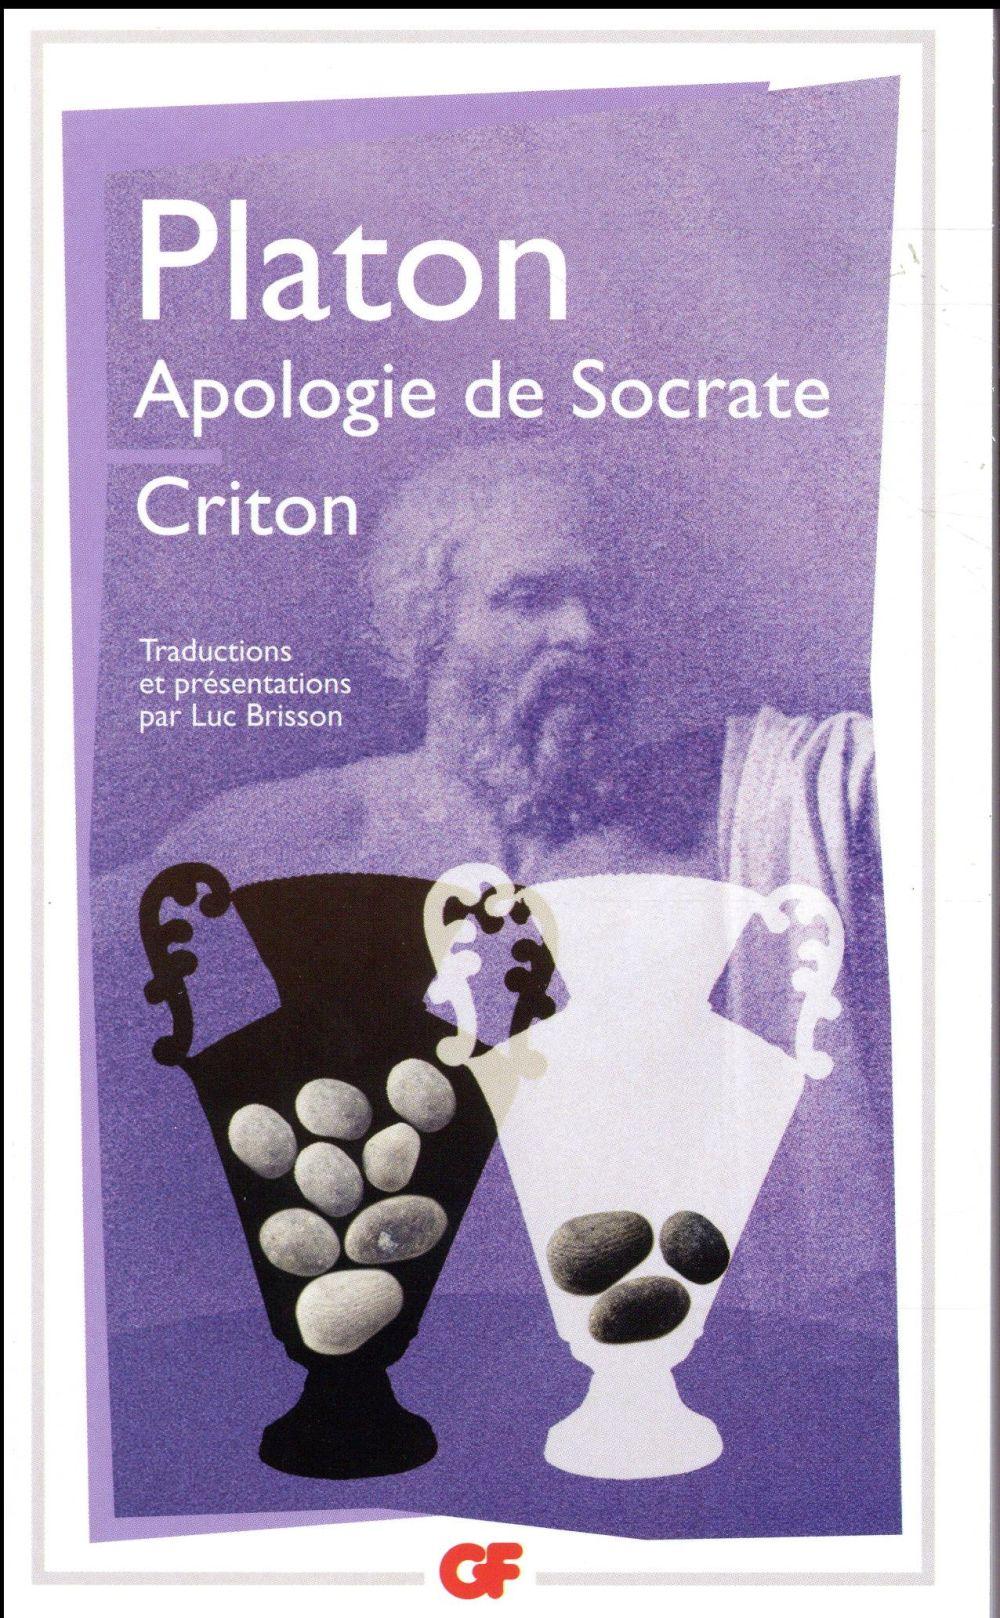 APOLOGIE DE SOCRATE- CRITON